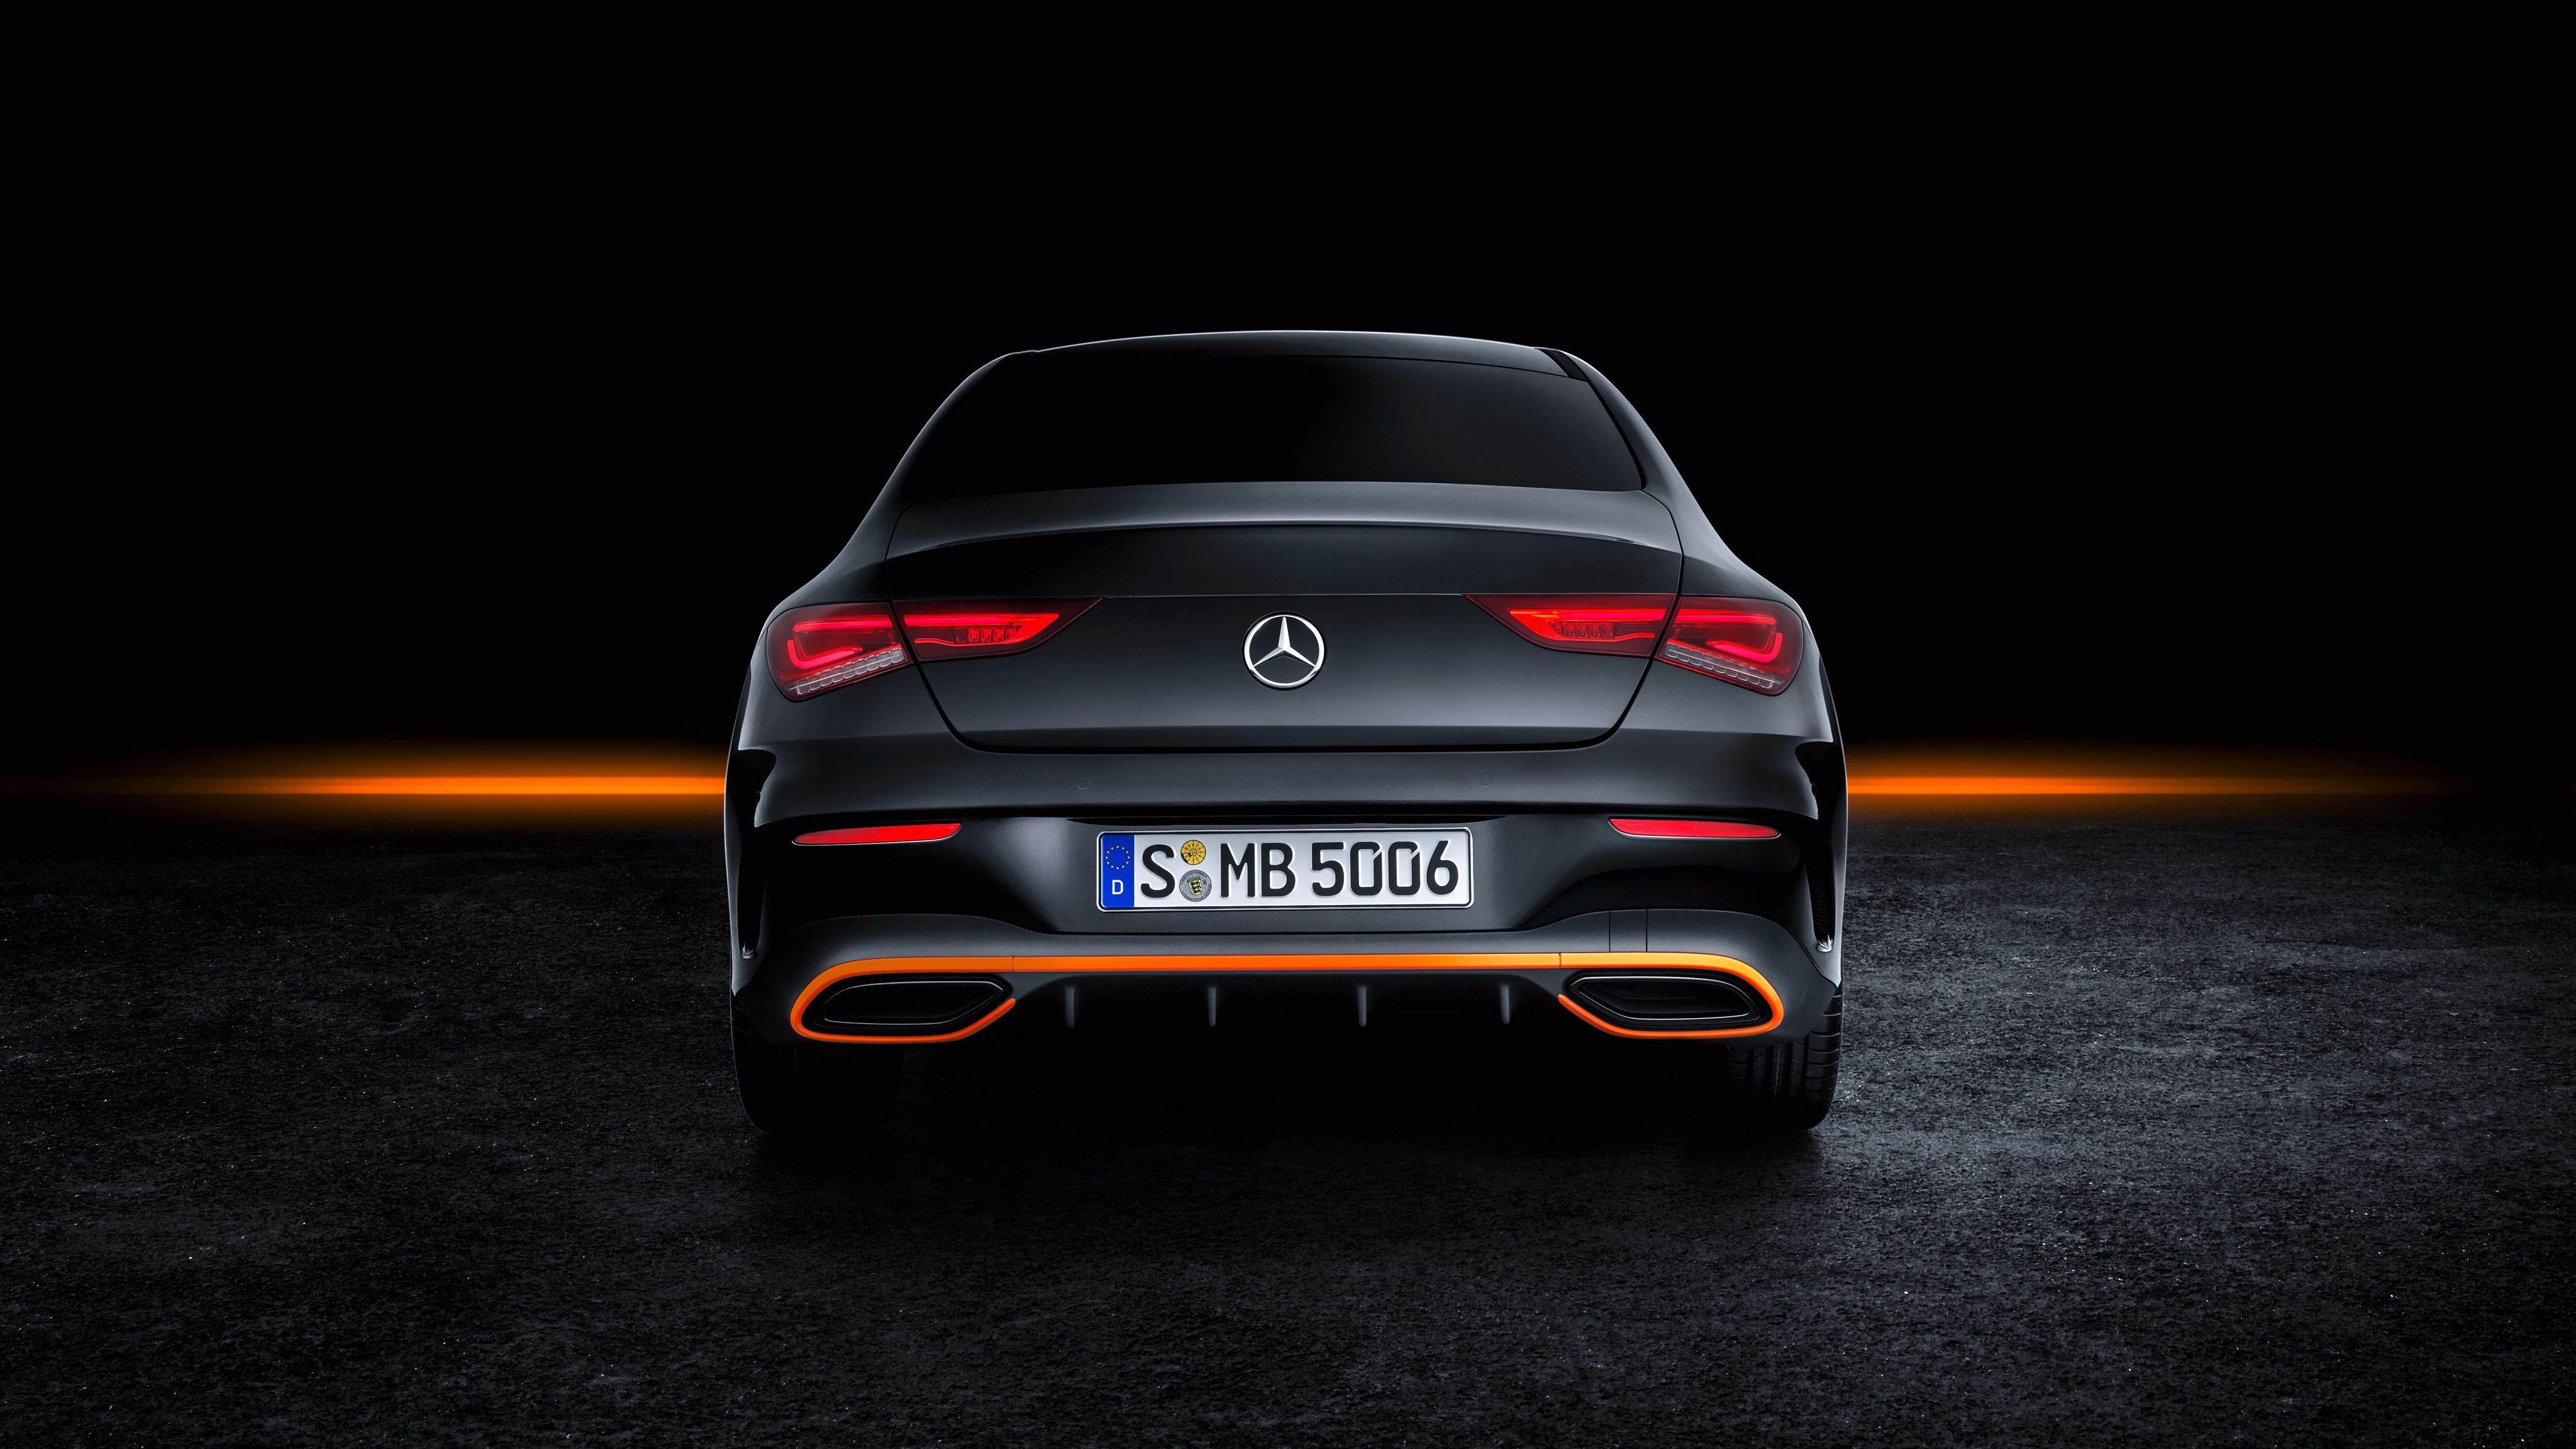 Mercedes Benz Cla 250 Amg Line Edition Orange Art 2019 4k 3